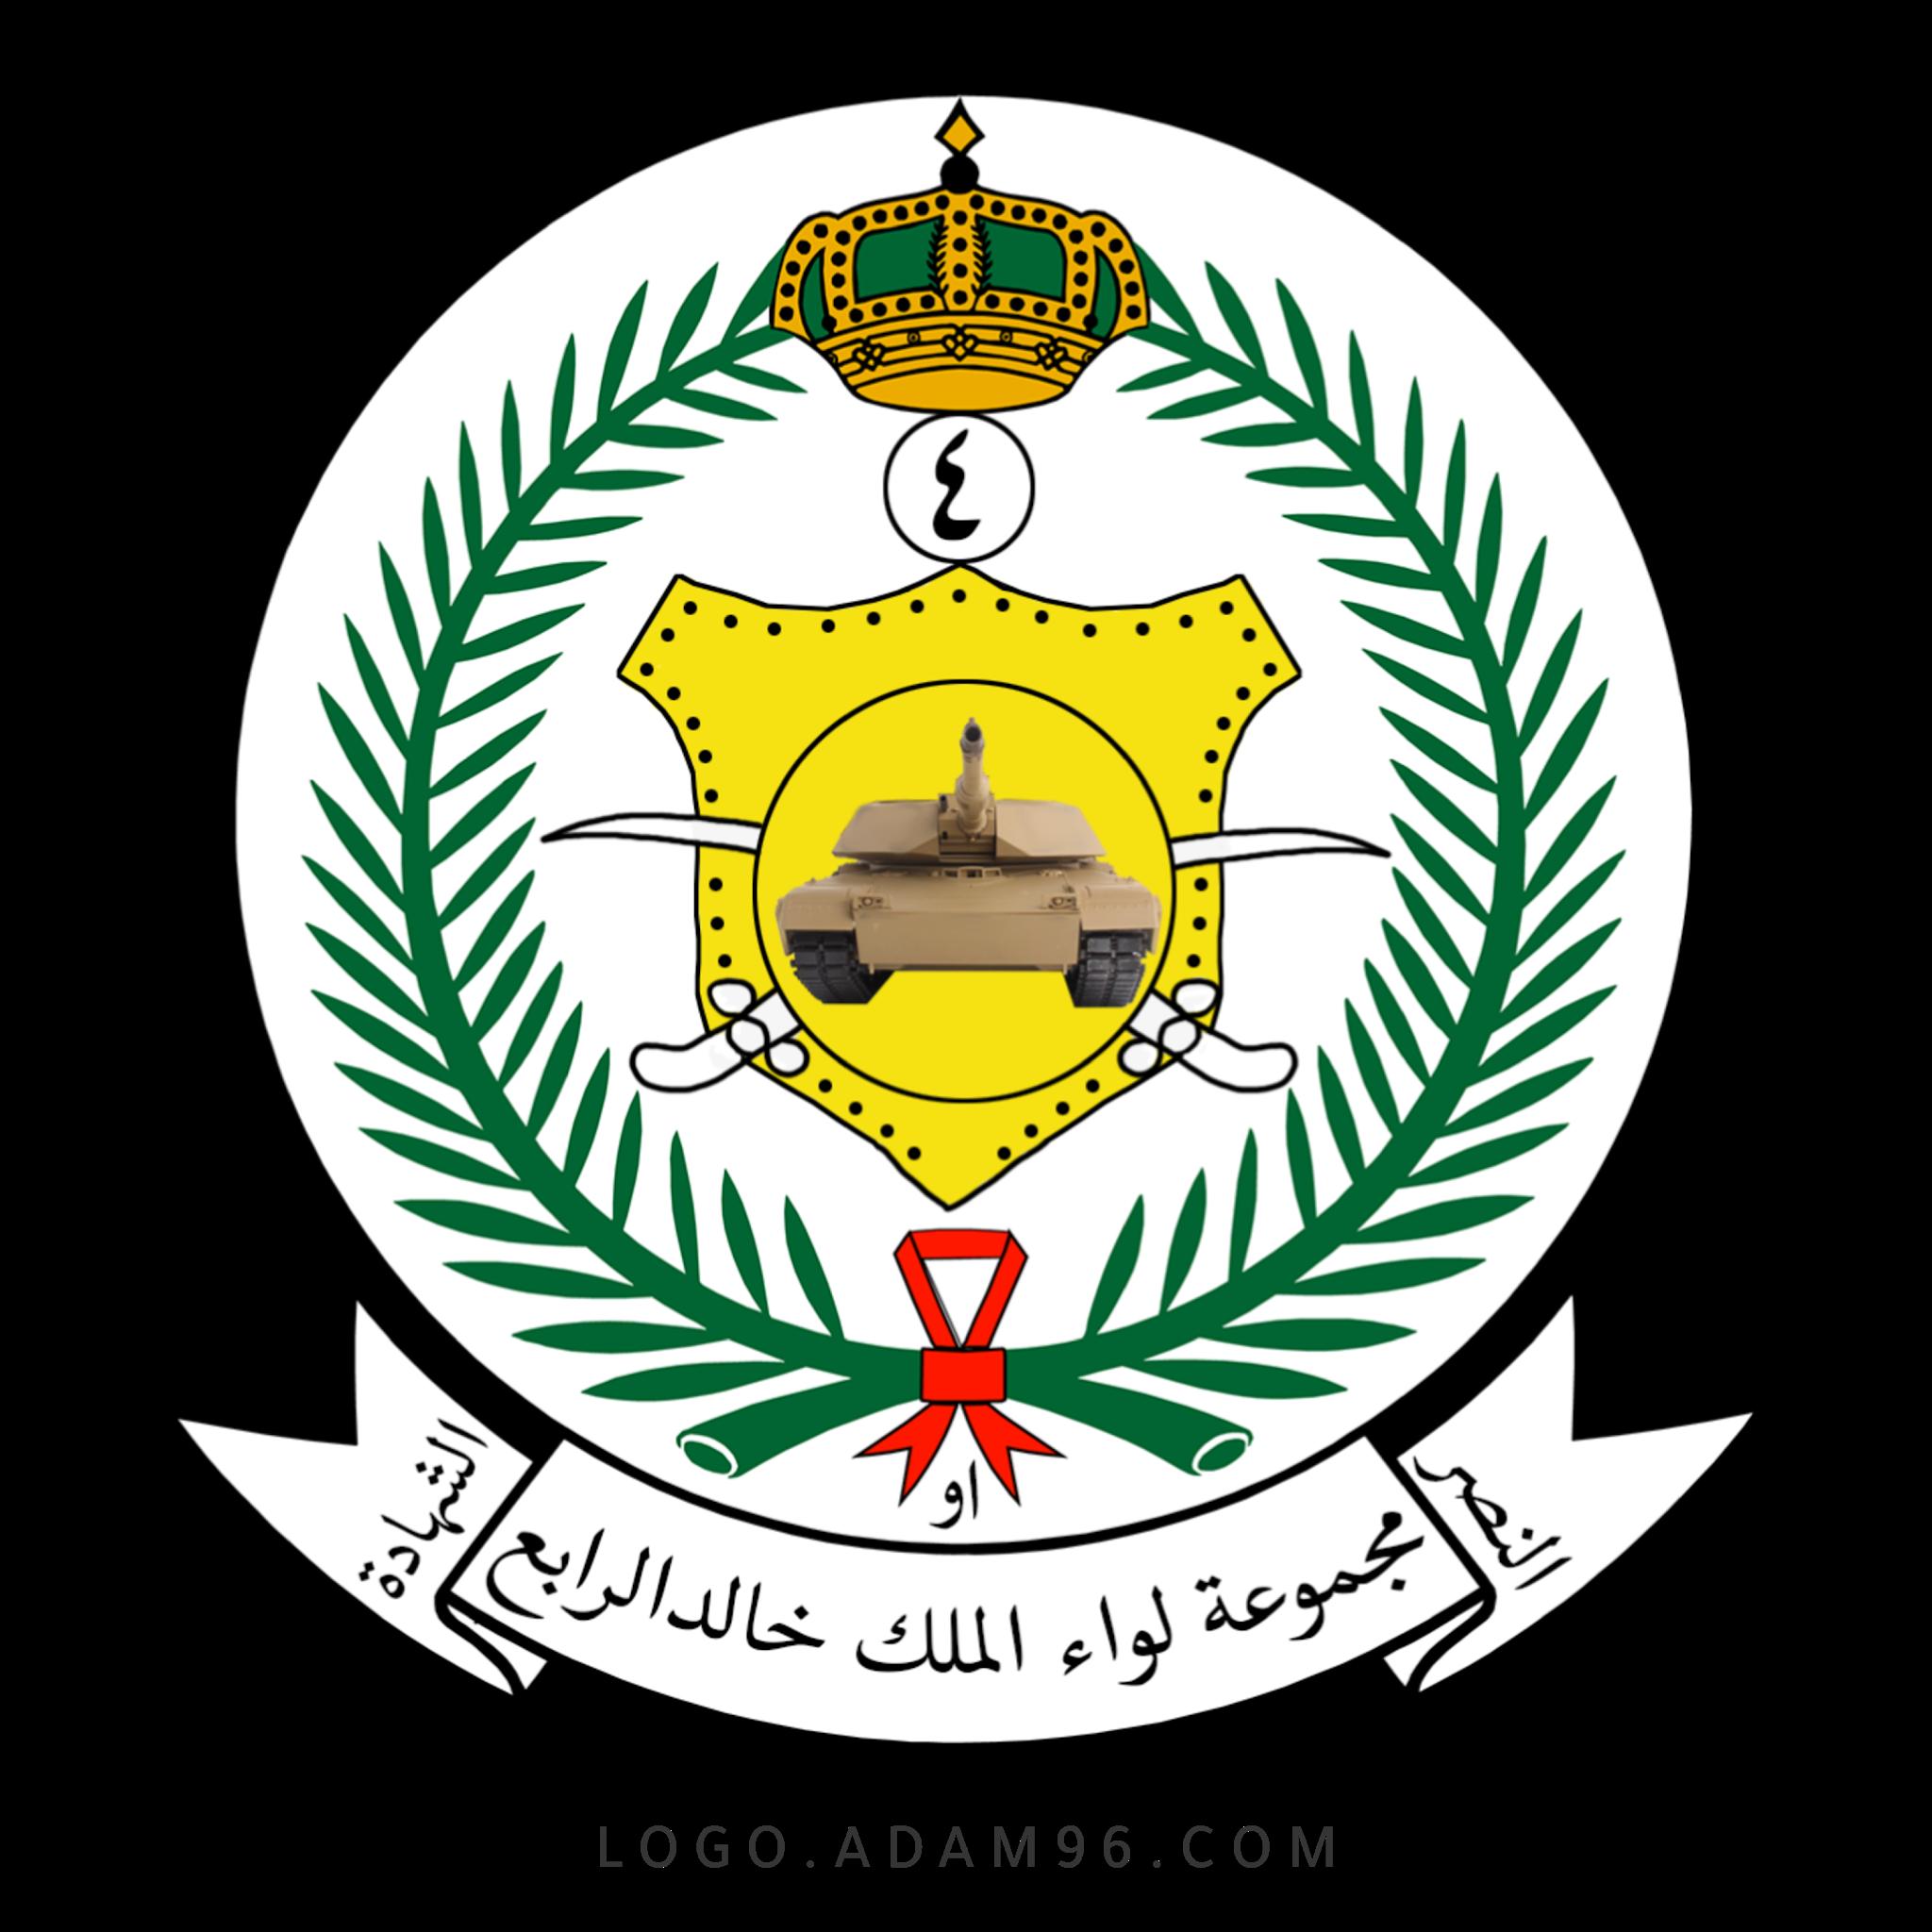 تحميل شعار مجموعة لواء الملك خالد الرابع لوجو رسمي بجودة عالية PNG